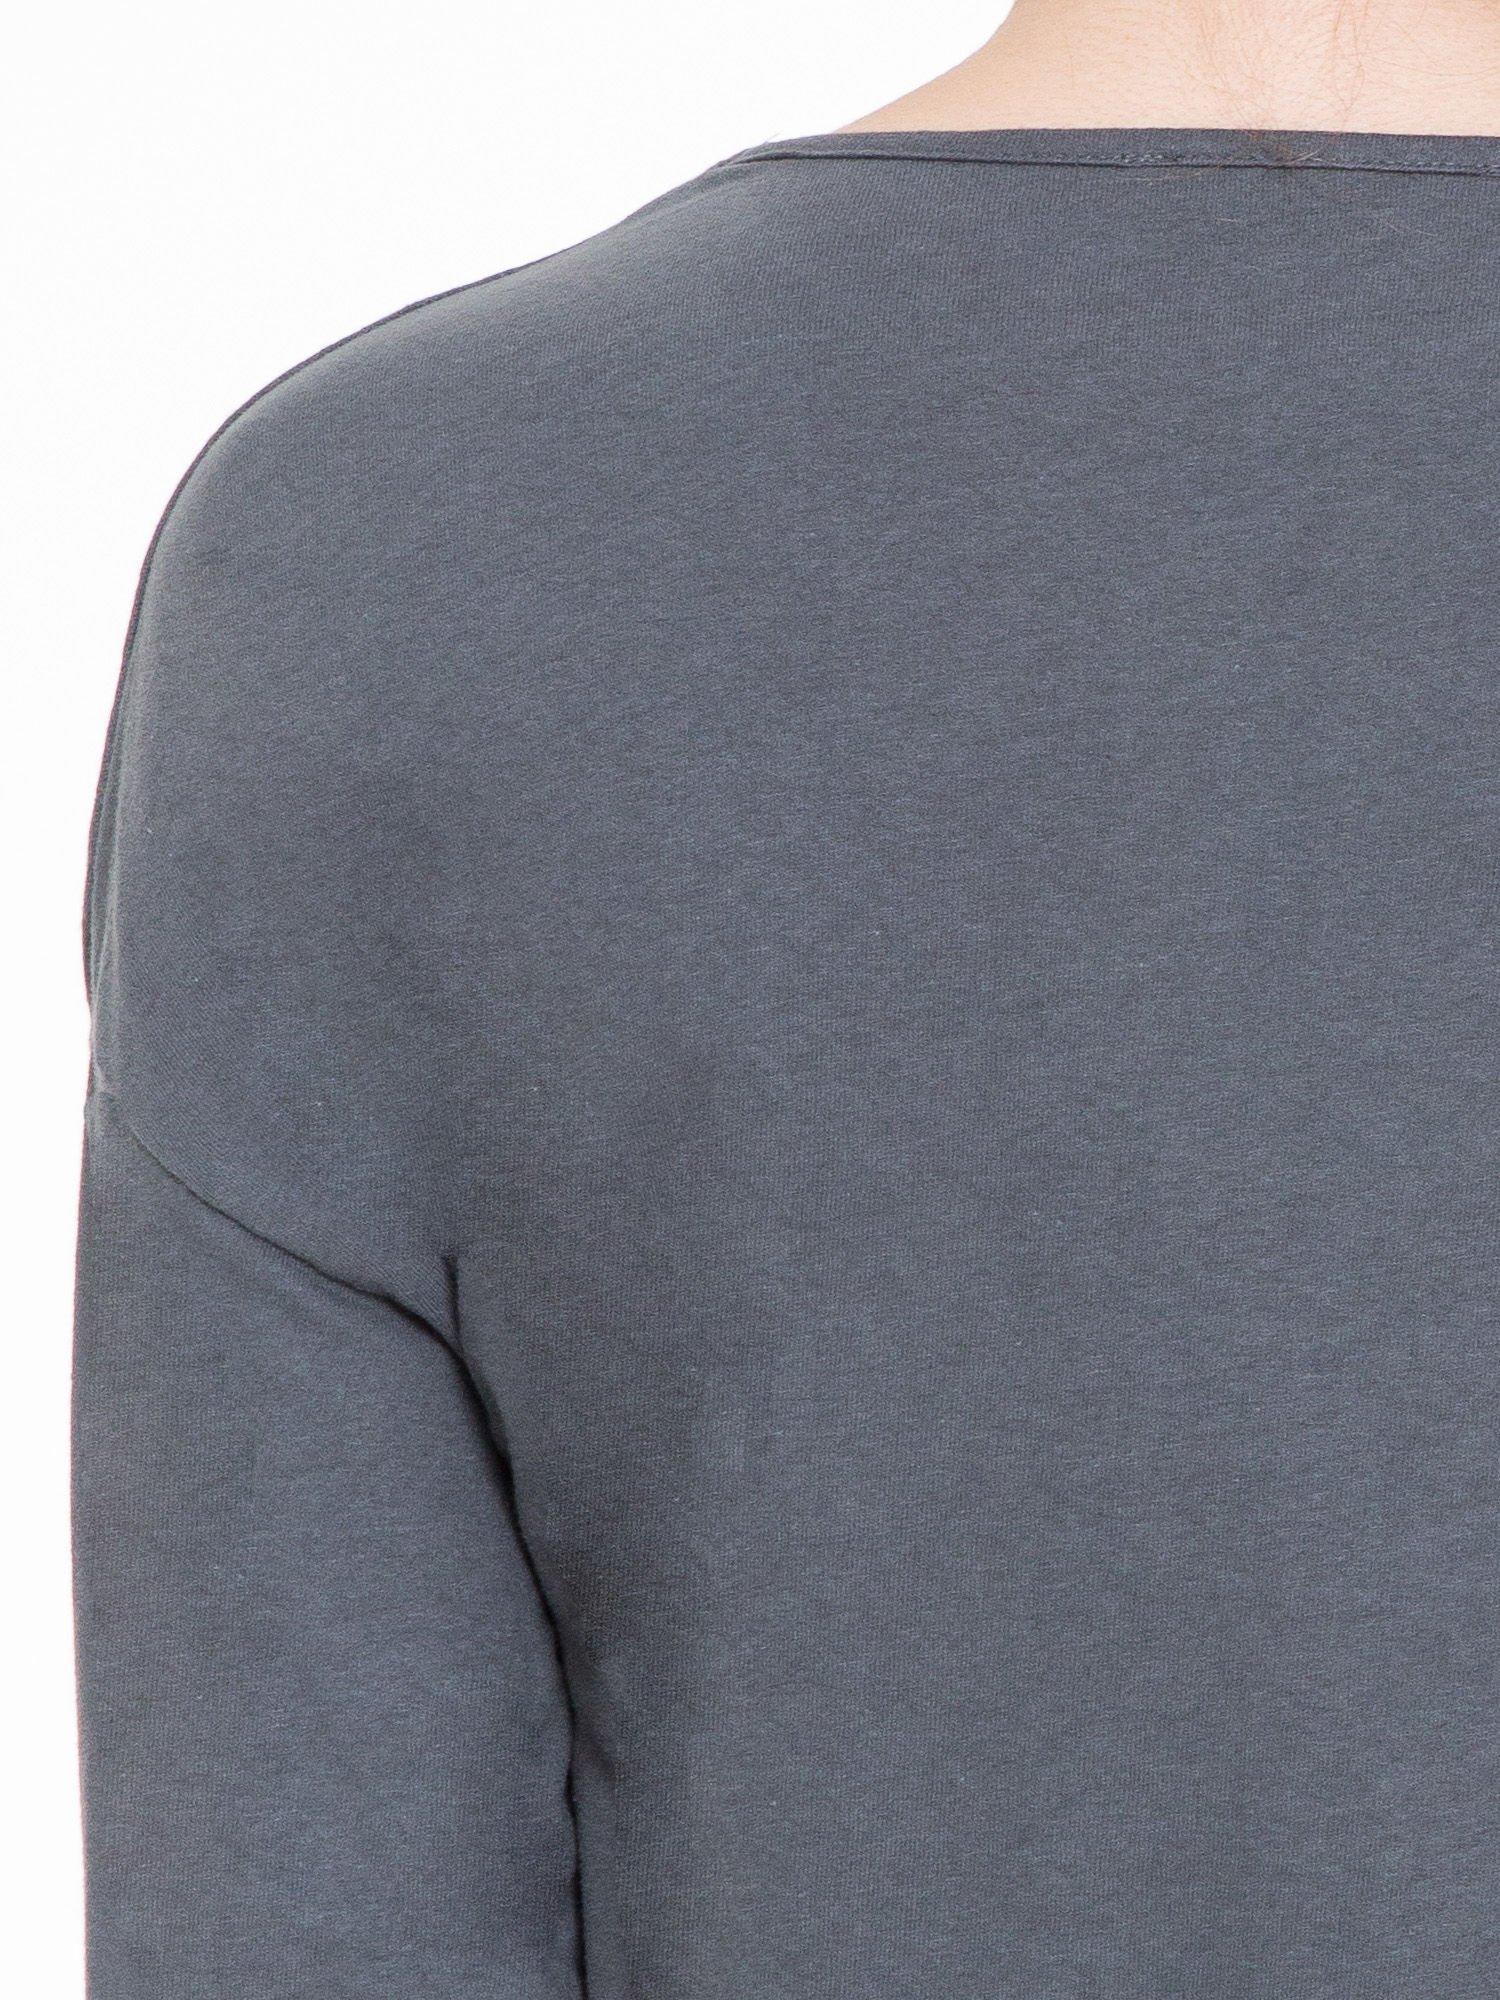 Ciemnoszara gładka bluzka z luźnymi rękawami 3/4                                  zdj.                                  7